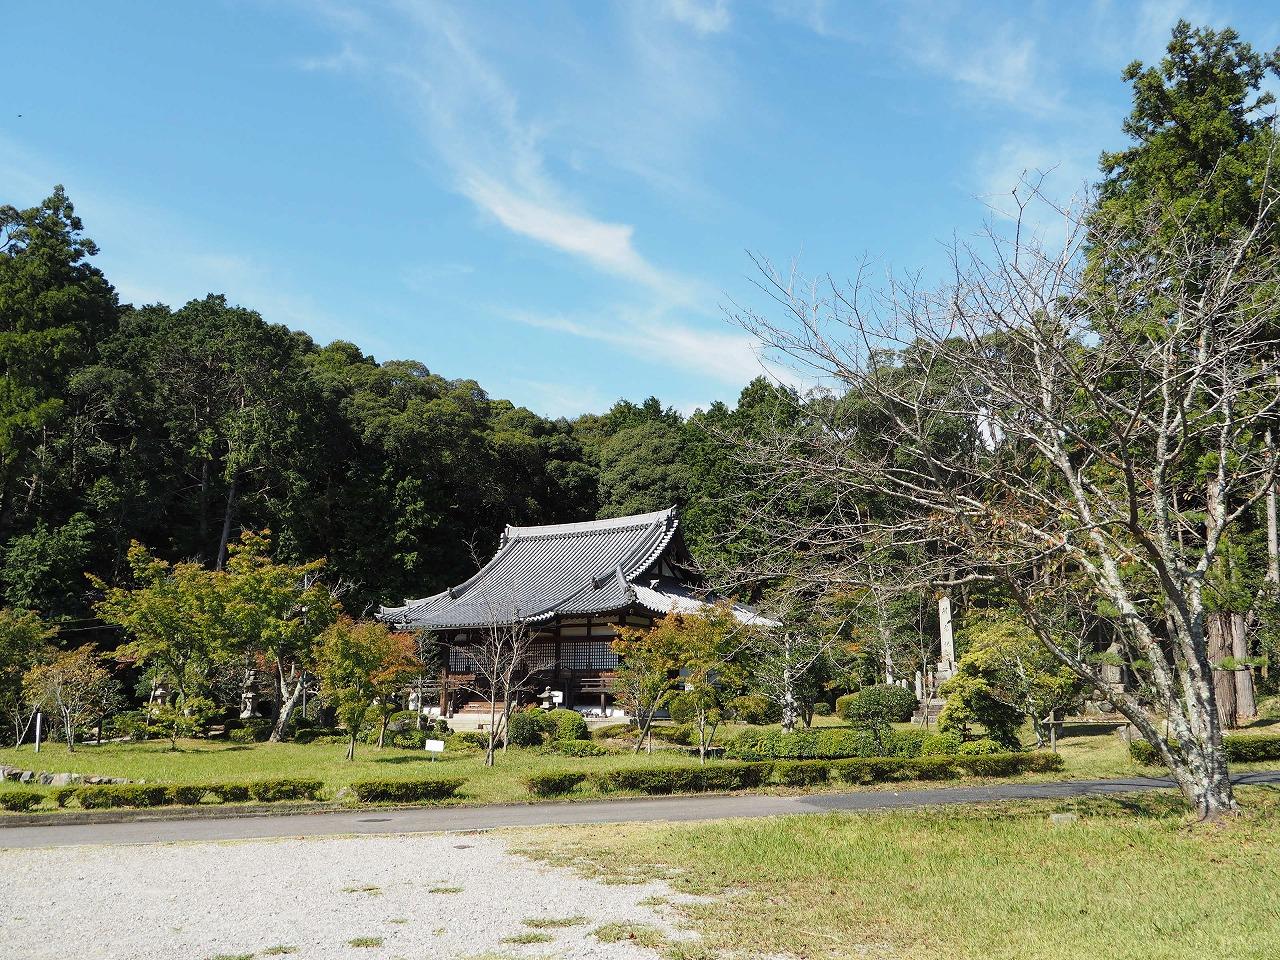 山紫水明の日本 ~残したい風景と暮らし